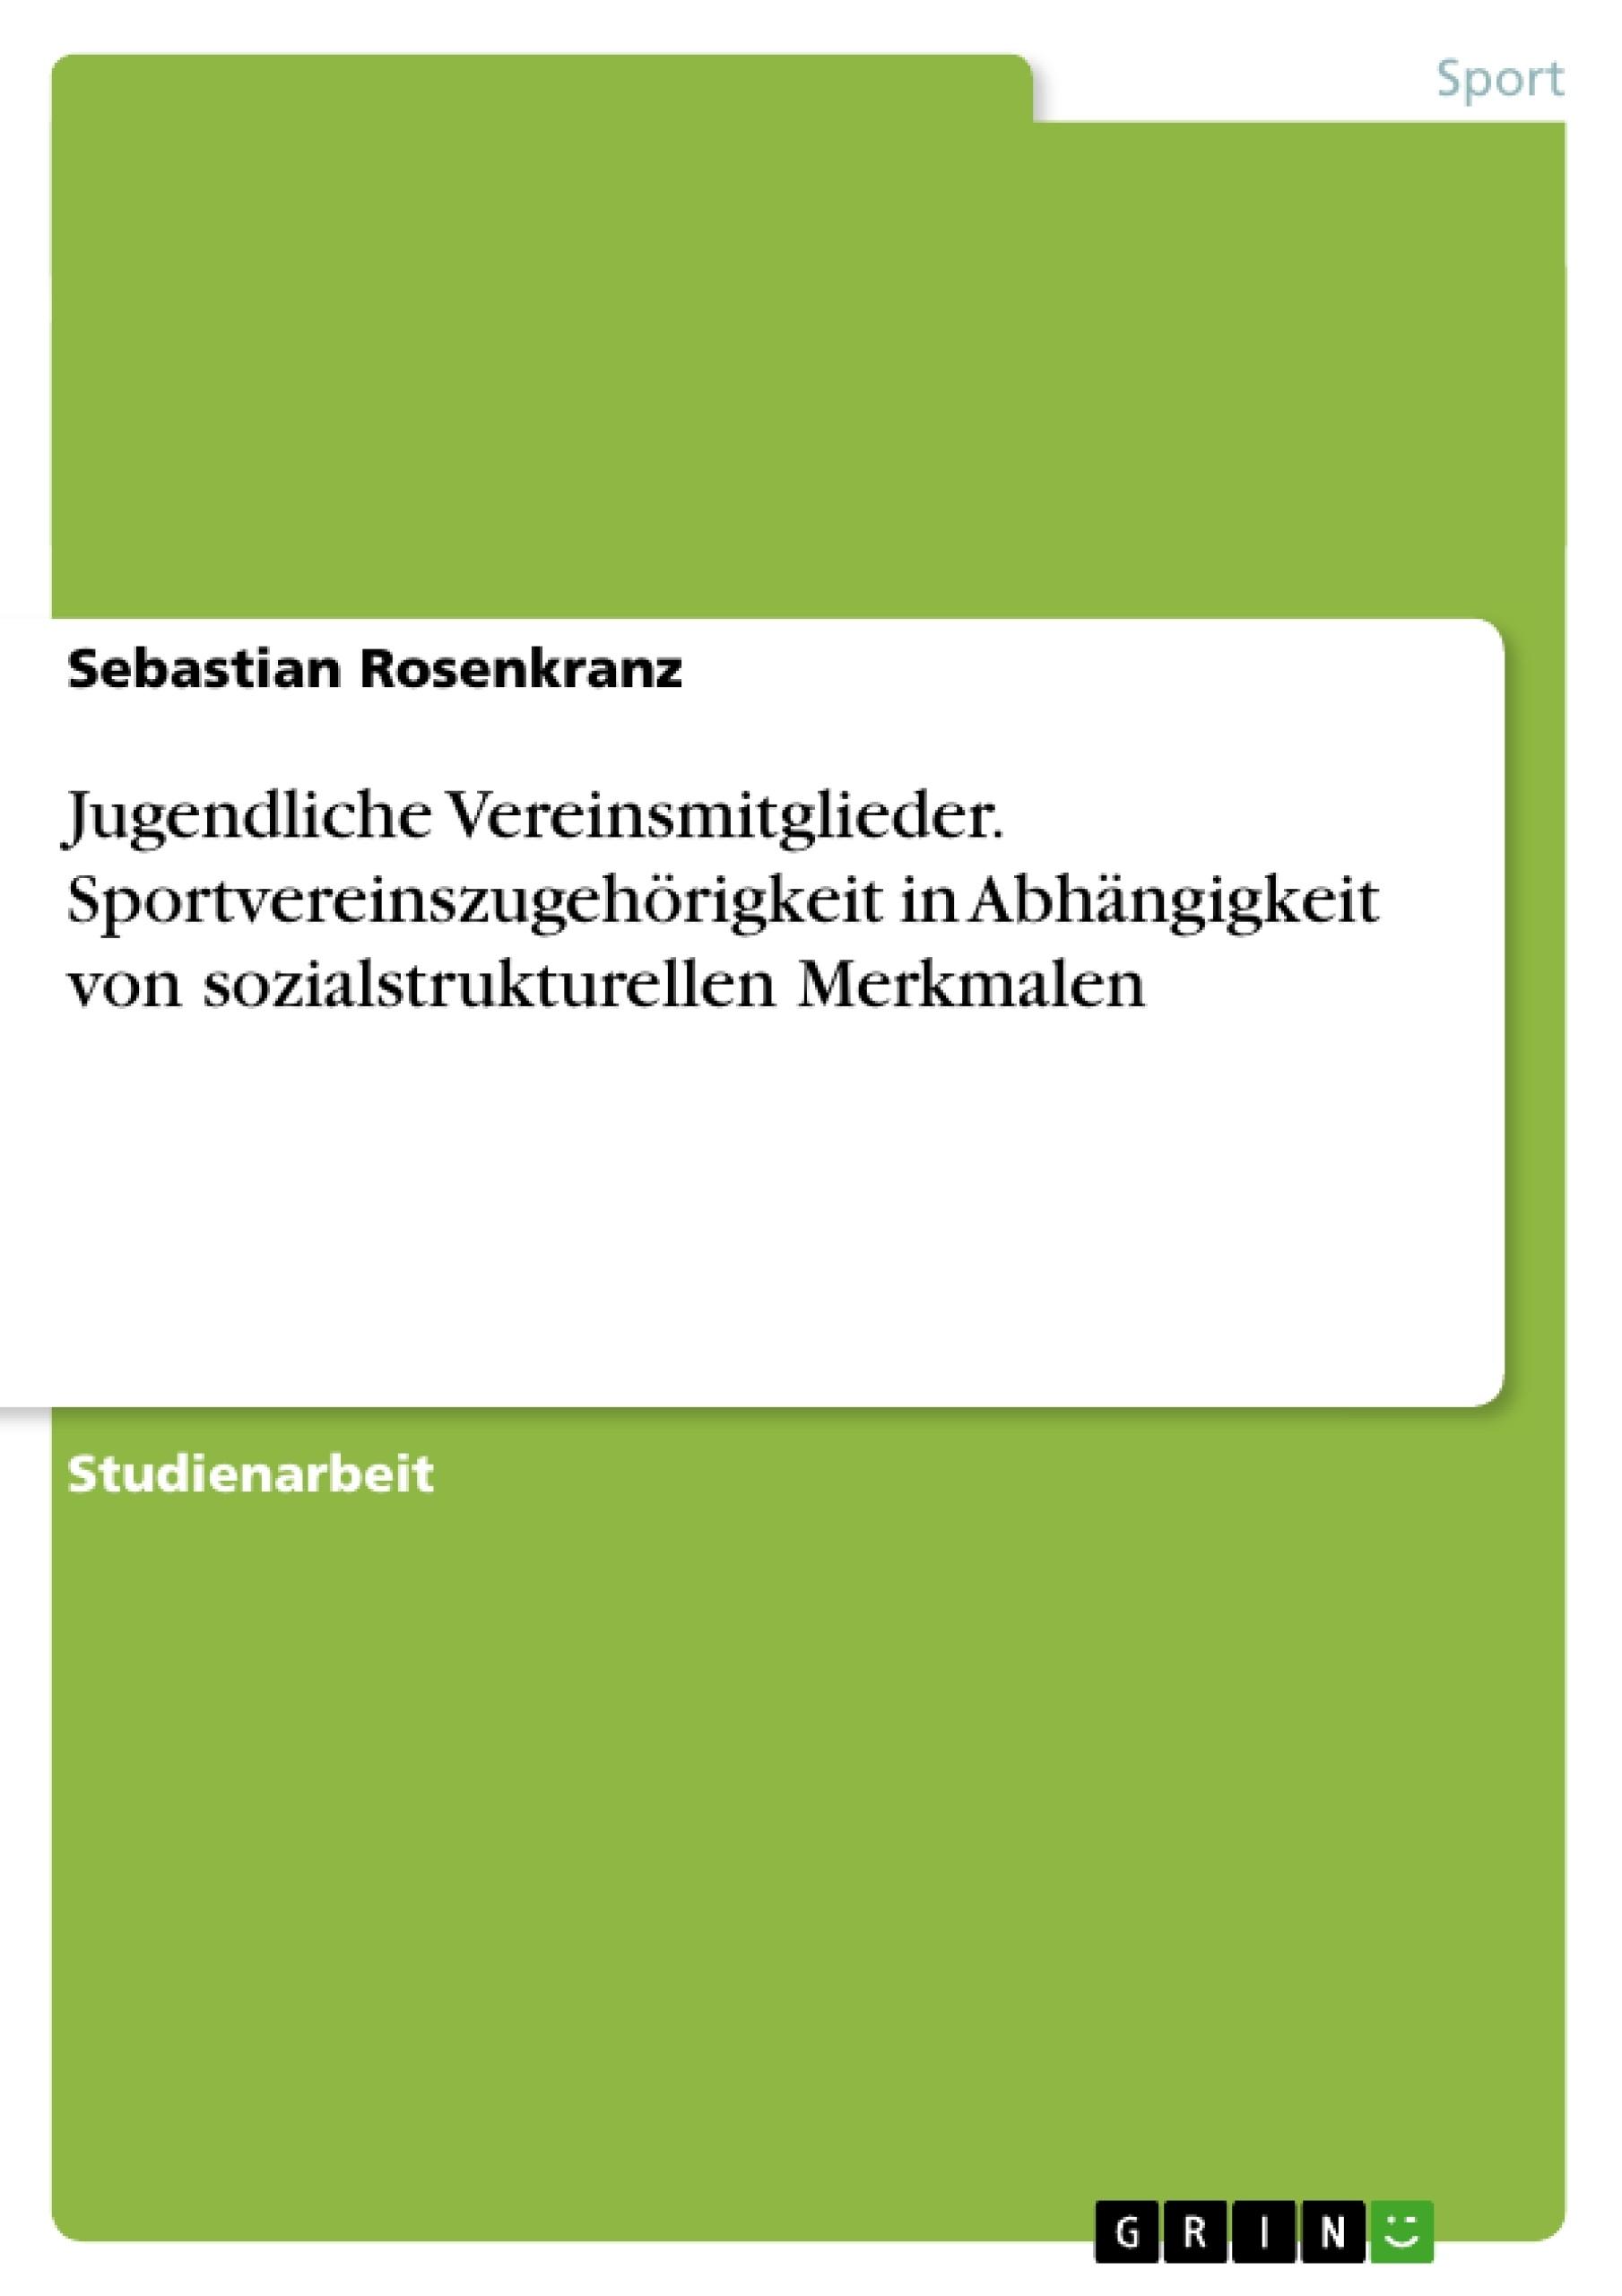 Titel: Jugendliche Vereinsmitglieder. Sportvereinszugehörigkeit in Abhängigkeit von sozialstrukturellen Merkmalen